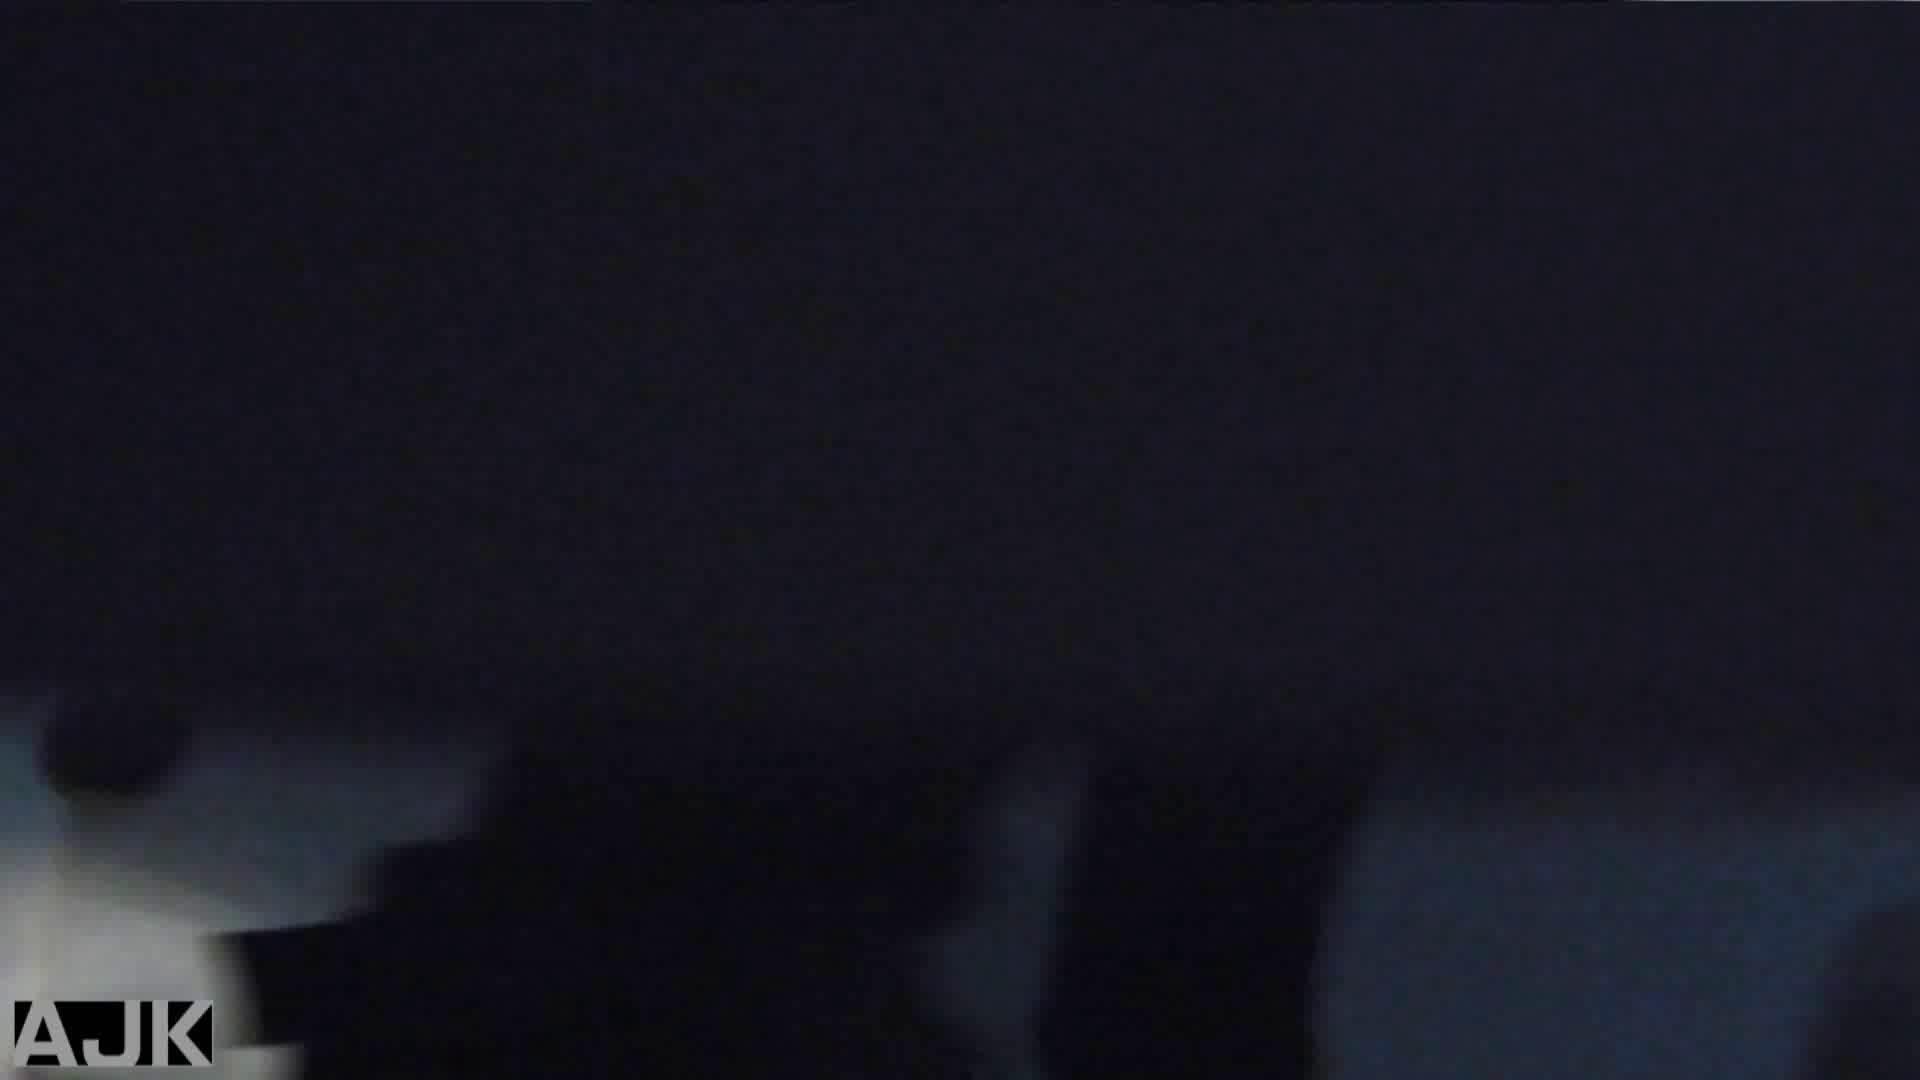 神降臨!史上最強の潜入かわや! vol.05 盗撮 オマンコ無修正動画無料 81画像 17